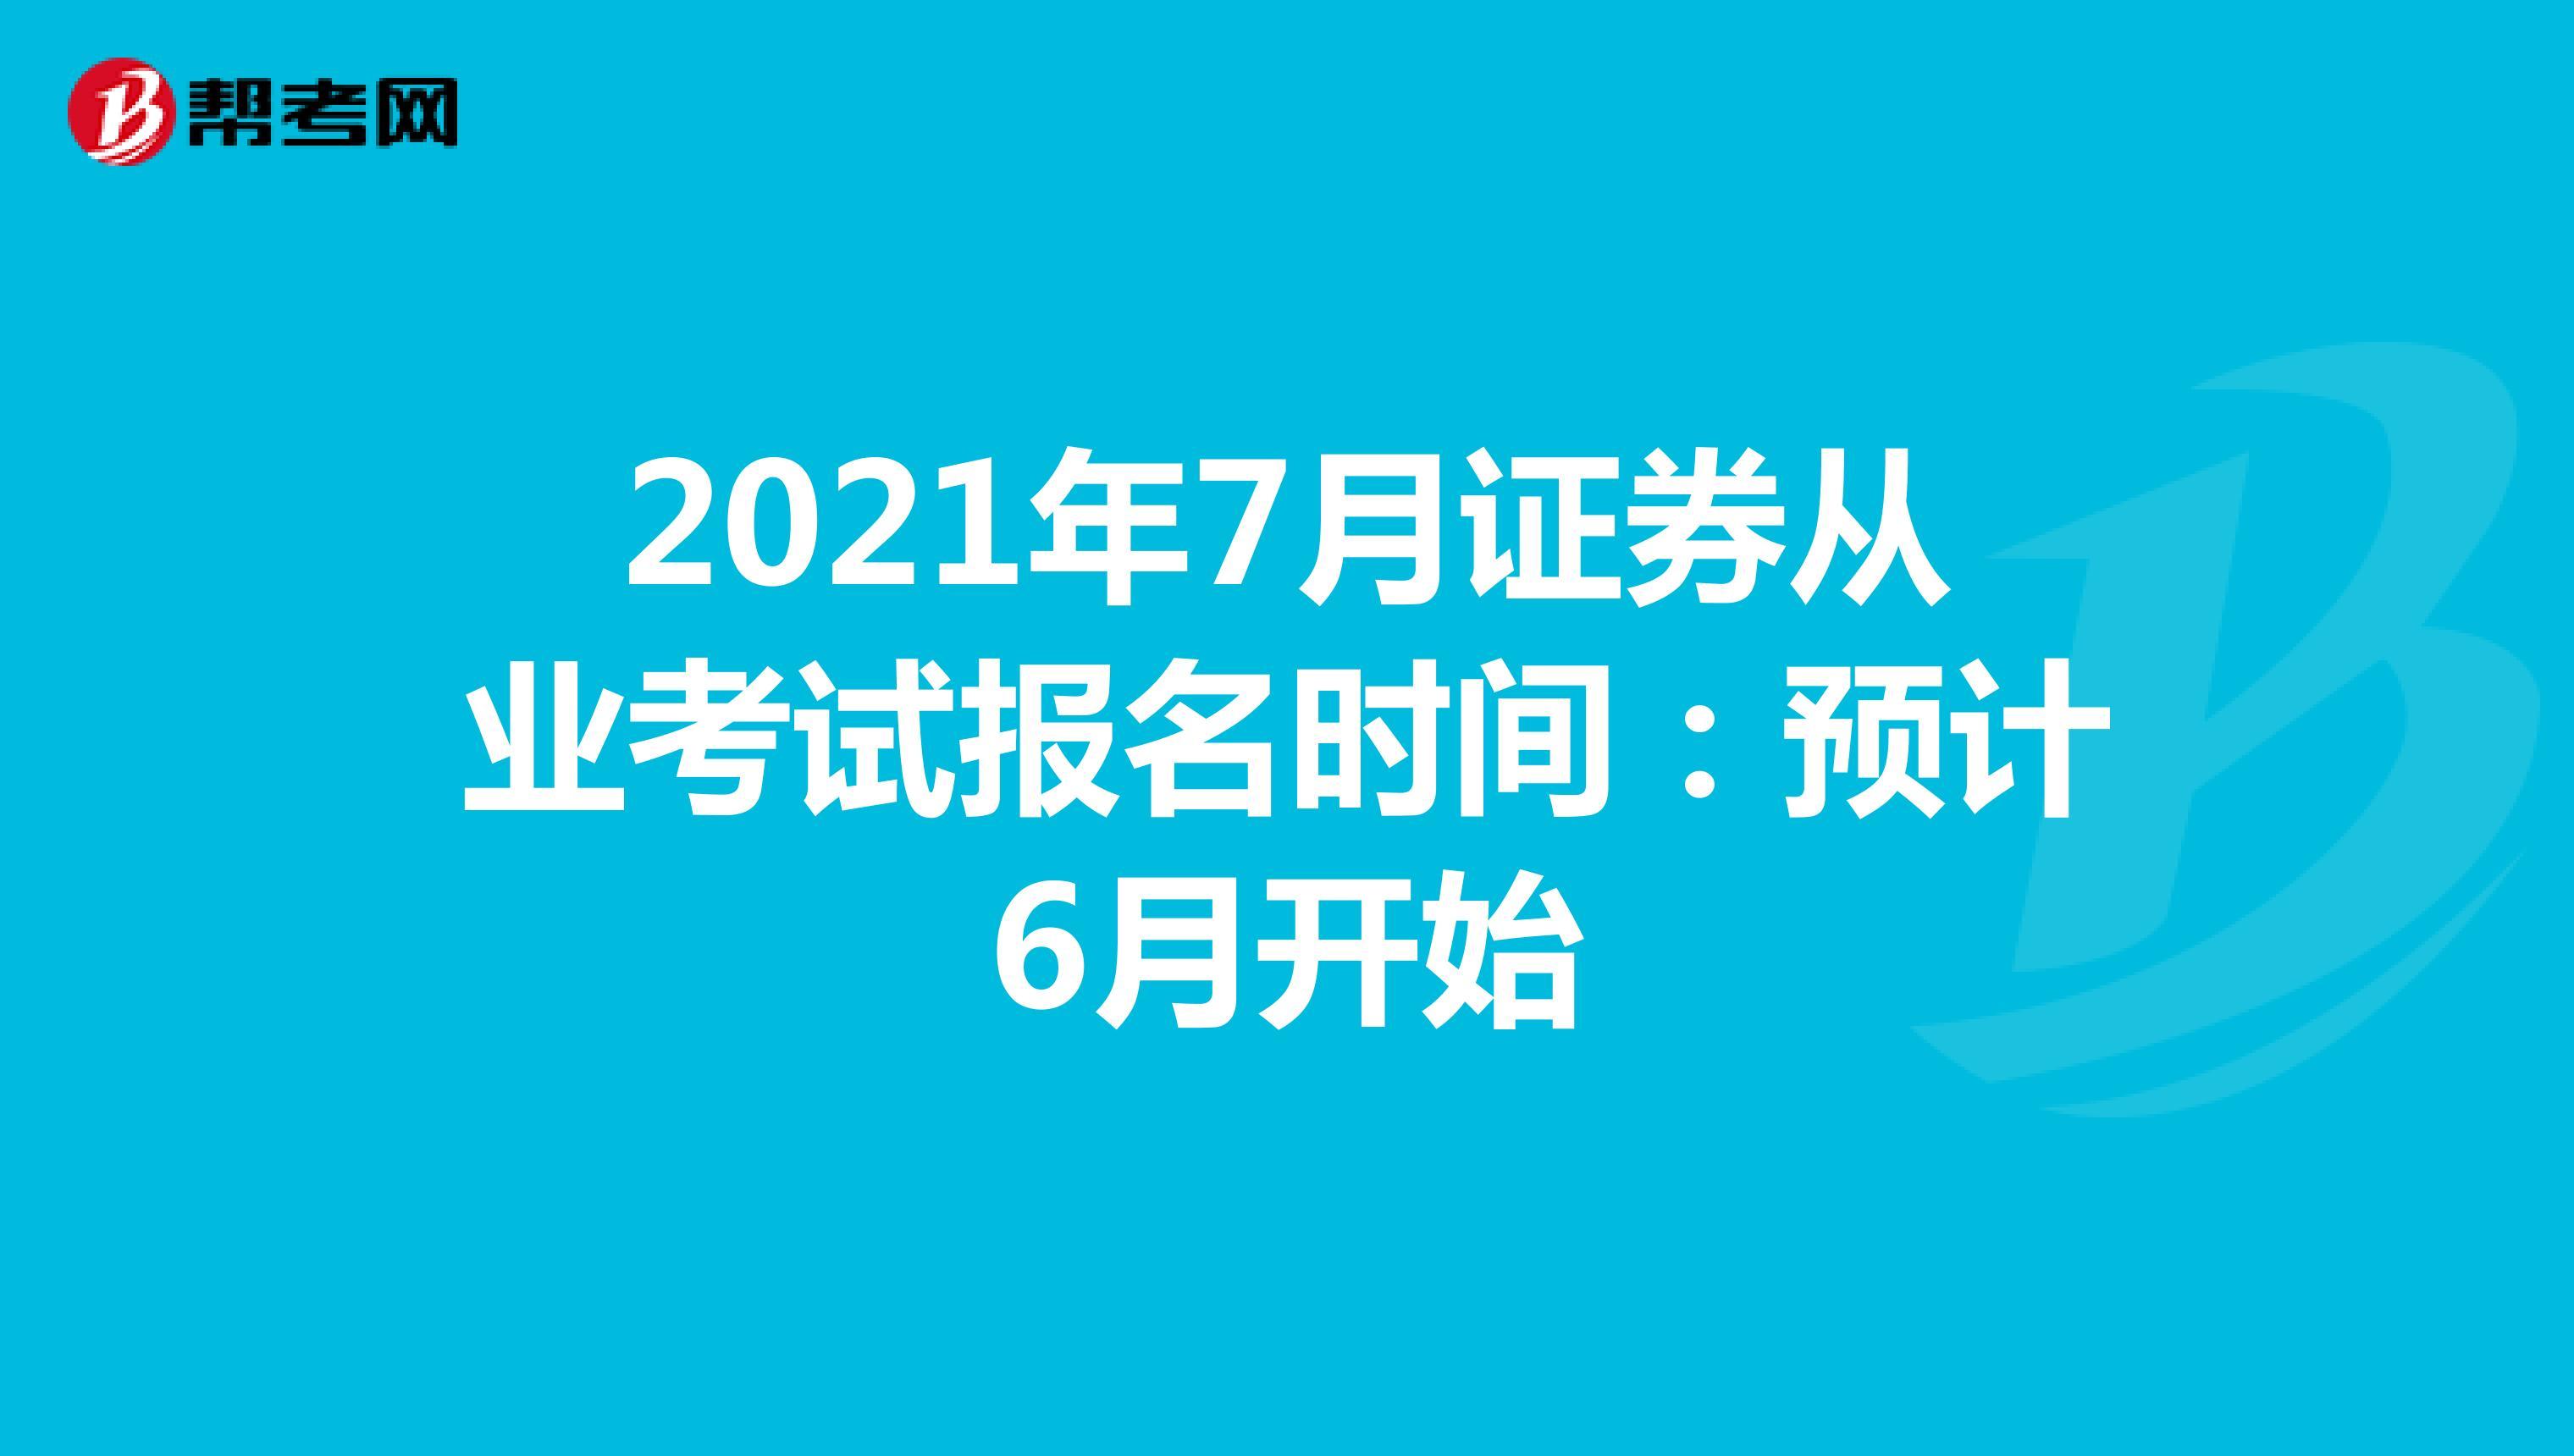 2021年7月证券从业考试报名时间:预计6月开始